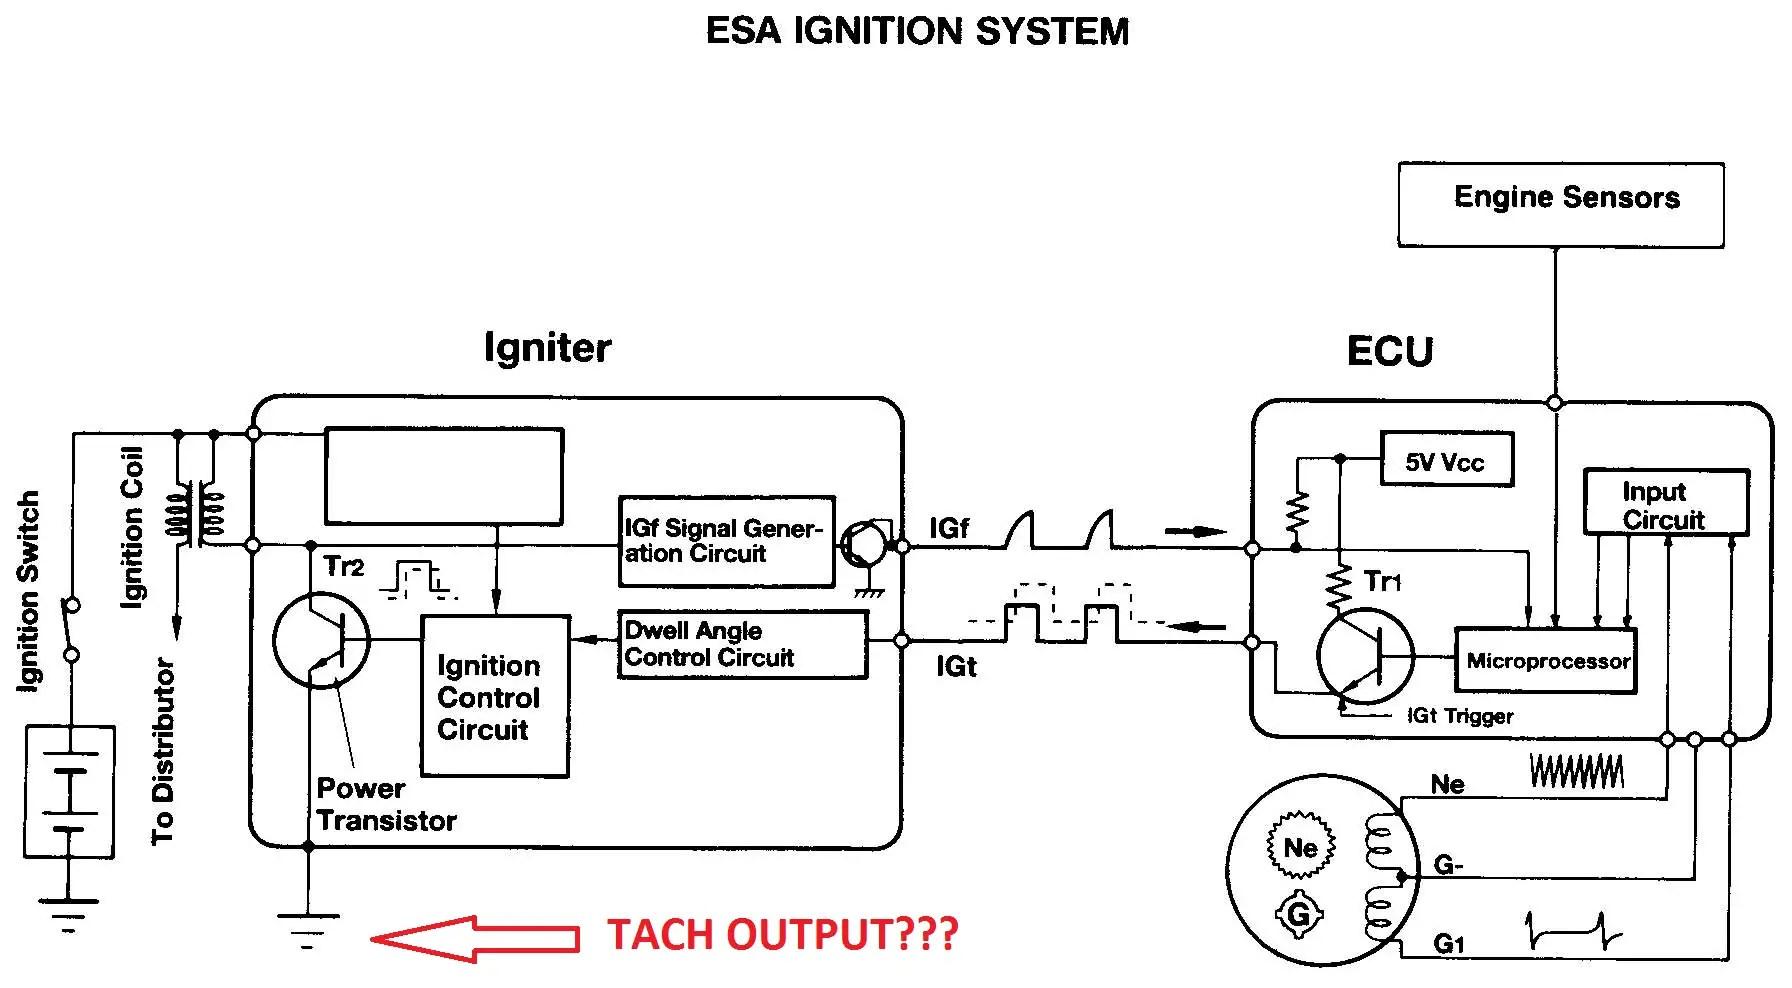 Lq9 Coil Wiring